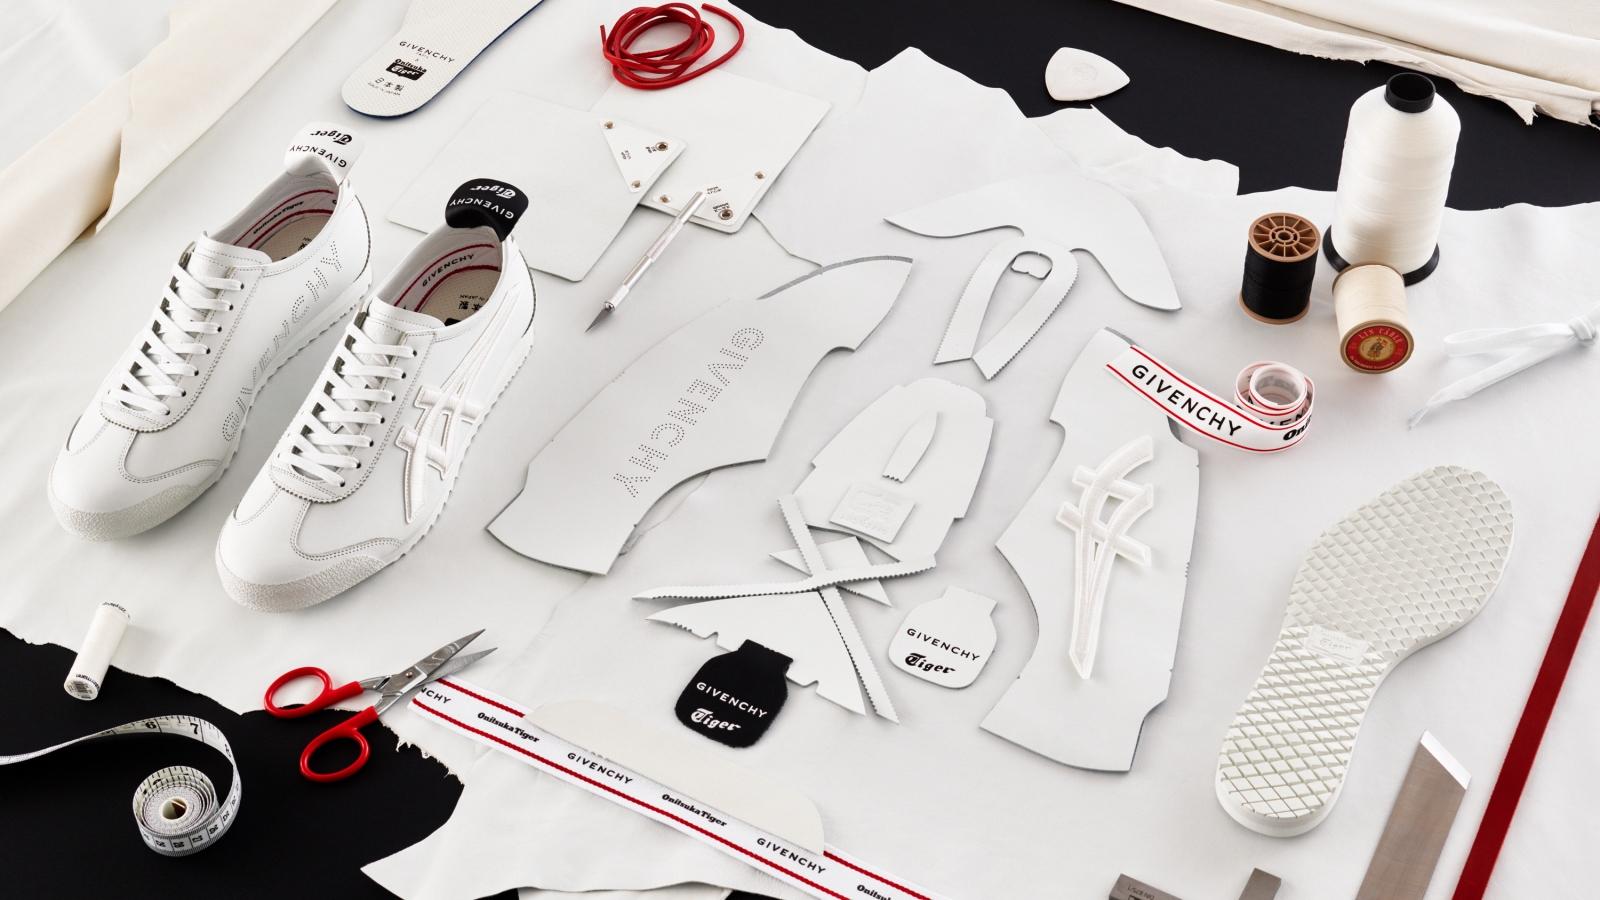 Givenchy x Onitsuka Tiger – Baker & Evans